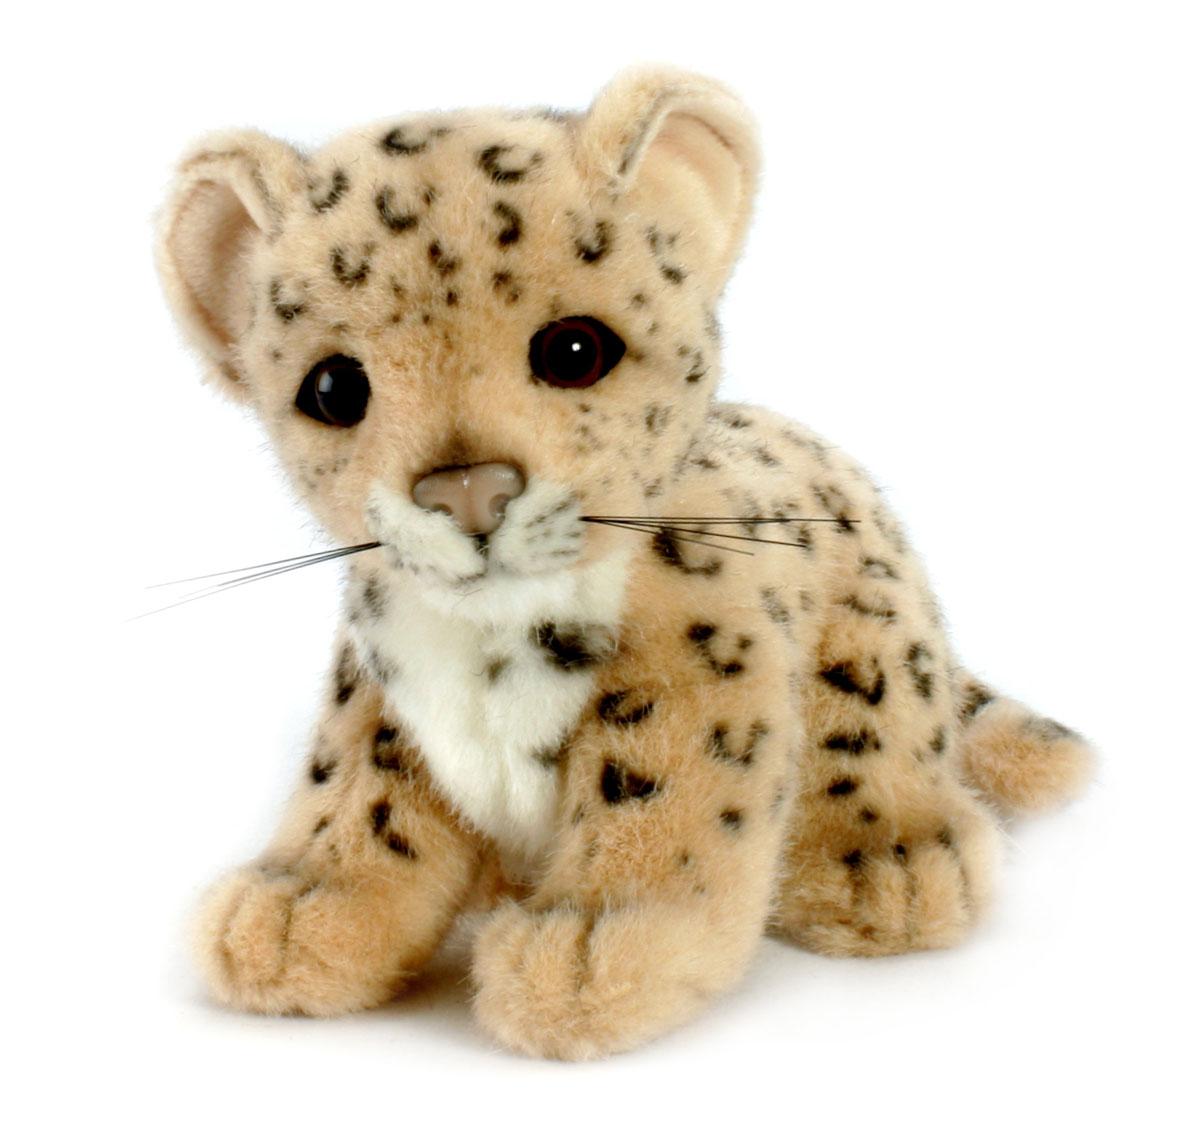 Мягкая игрушка Hansa Детеныш леопарда, 18 см3423Очаровательная мягкая игрушка Детеныш леопарда вызовет умиление и улыбку у каждого, кто ее увидит. Игрушка очень похожа на своего живого прототипа. Игрушка станет замечательным подарком, как ребенку, так и взрослому. Игрушки фирмы Hansa шьются и набиваются вручную, что позволяет достигнуть максимальной реалистичности образа. Данная игрушка выполнена из искусственного меха, специально обработанного для придания схожести с мехом конкретного вида животного. Глаза, усы и нос выполнены из пластика. Великолепное качество исполнения делают эту игрушку чудесным подарком к любому празднику. Интересная и симпатичная, она непременно вызовет улыбку у детей и взрослых.